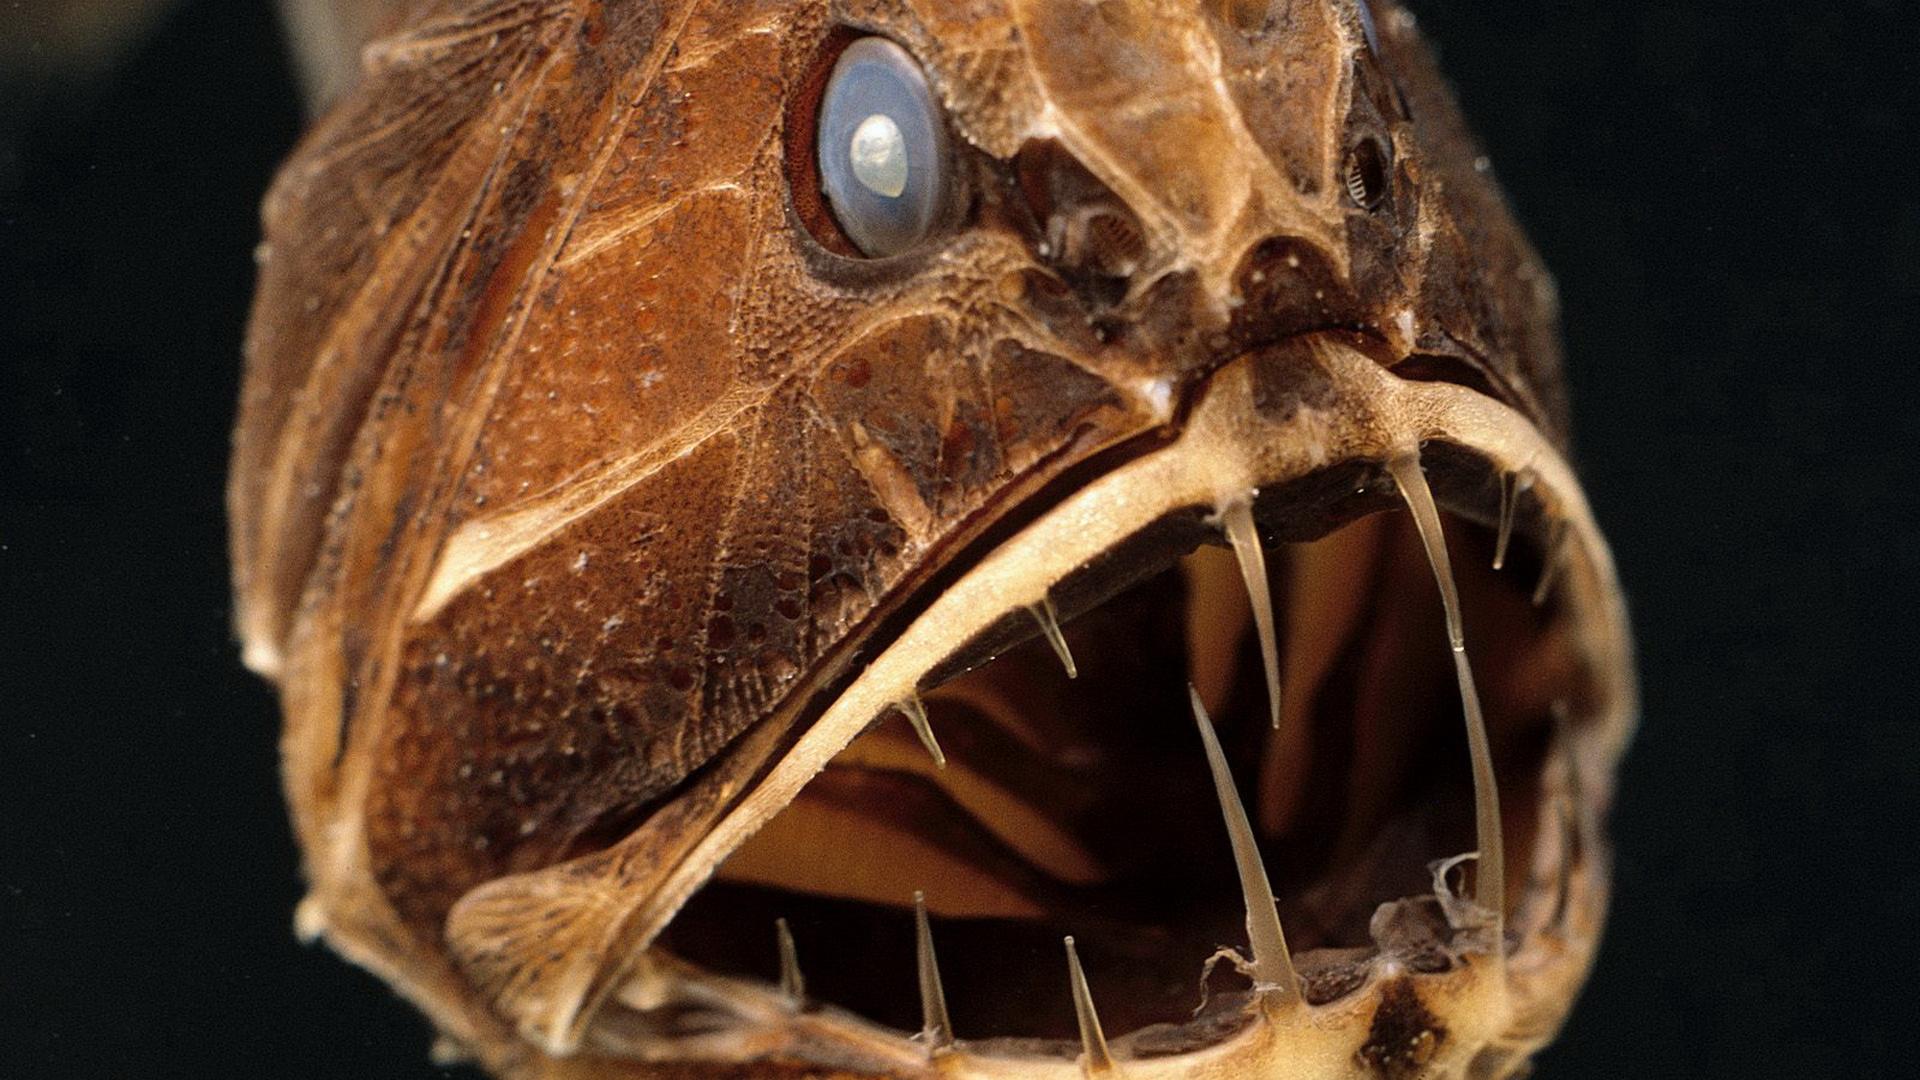 Самые страшные глубоководные рыбы фото 8 фотография